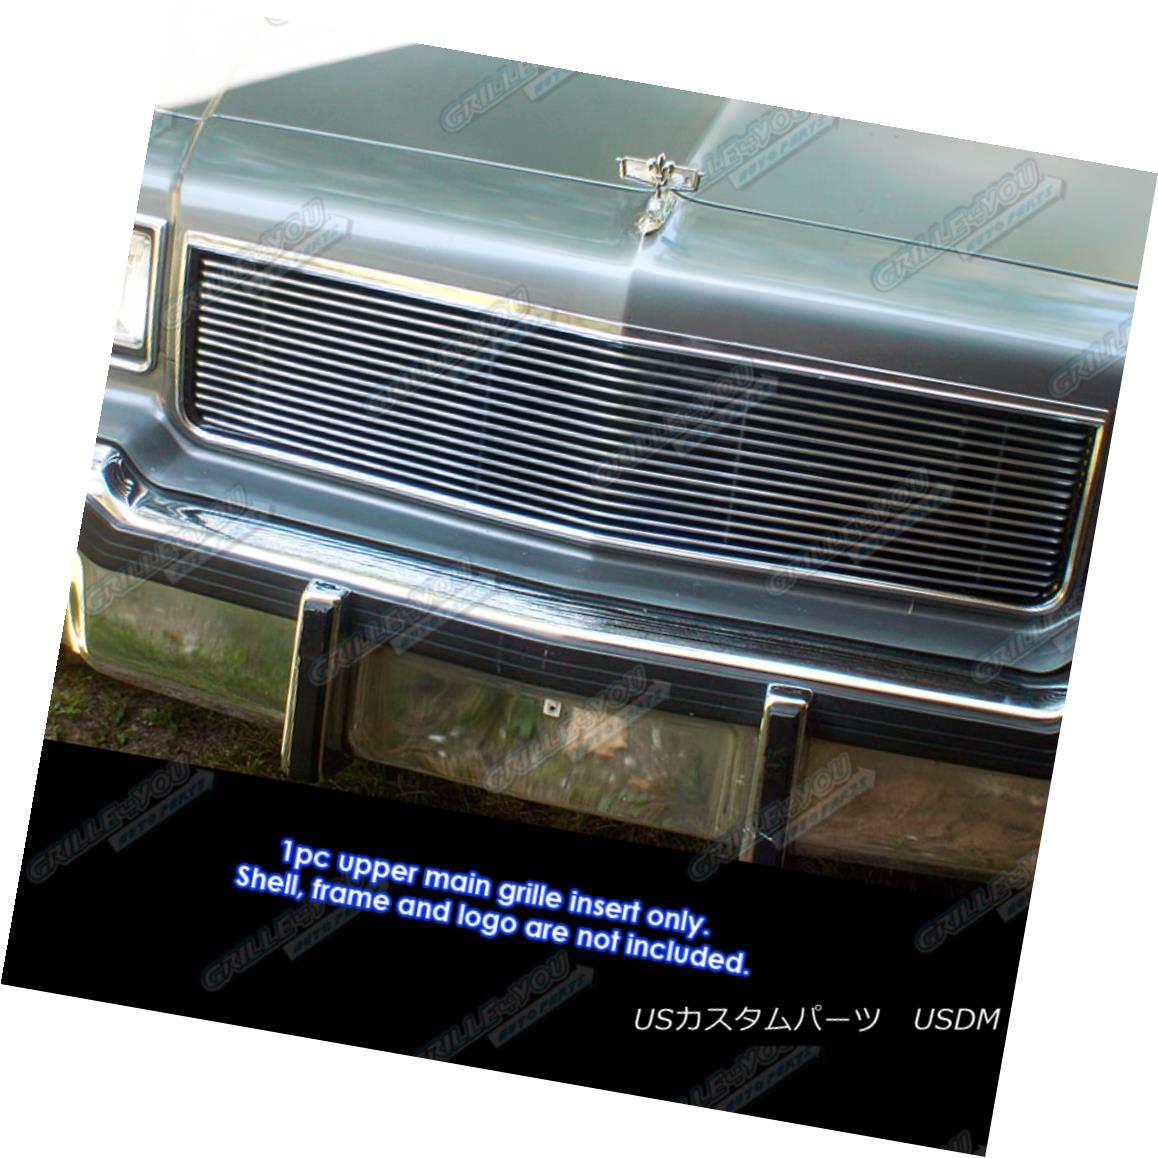 グリル Fits 1986-1990 Chevy Caprice Billet Grille Grill Insert フィット1986-1990シェビーカプリスビレットグリルグリルインサート